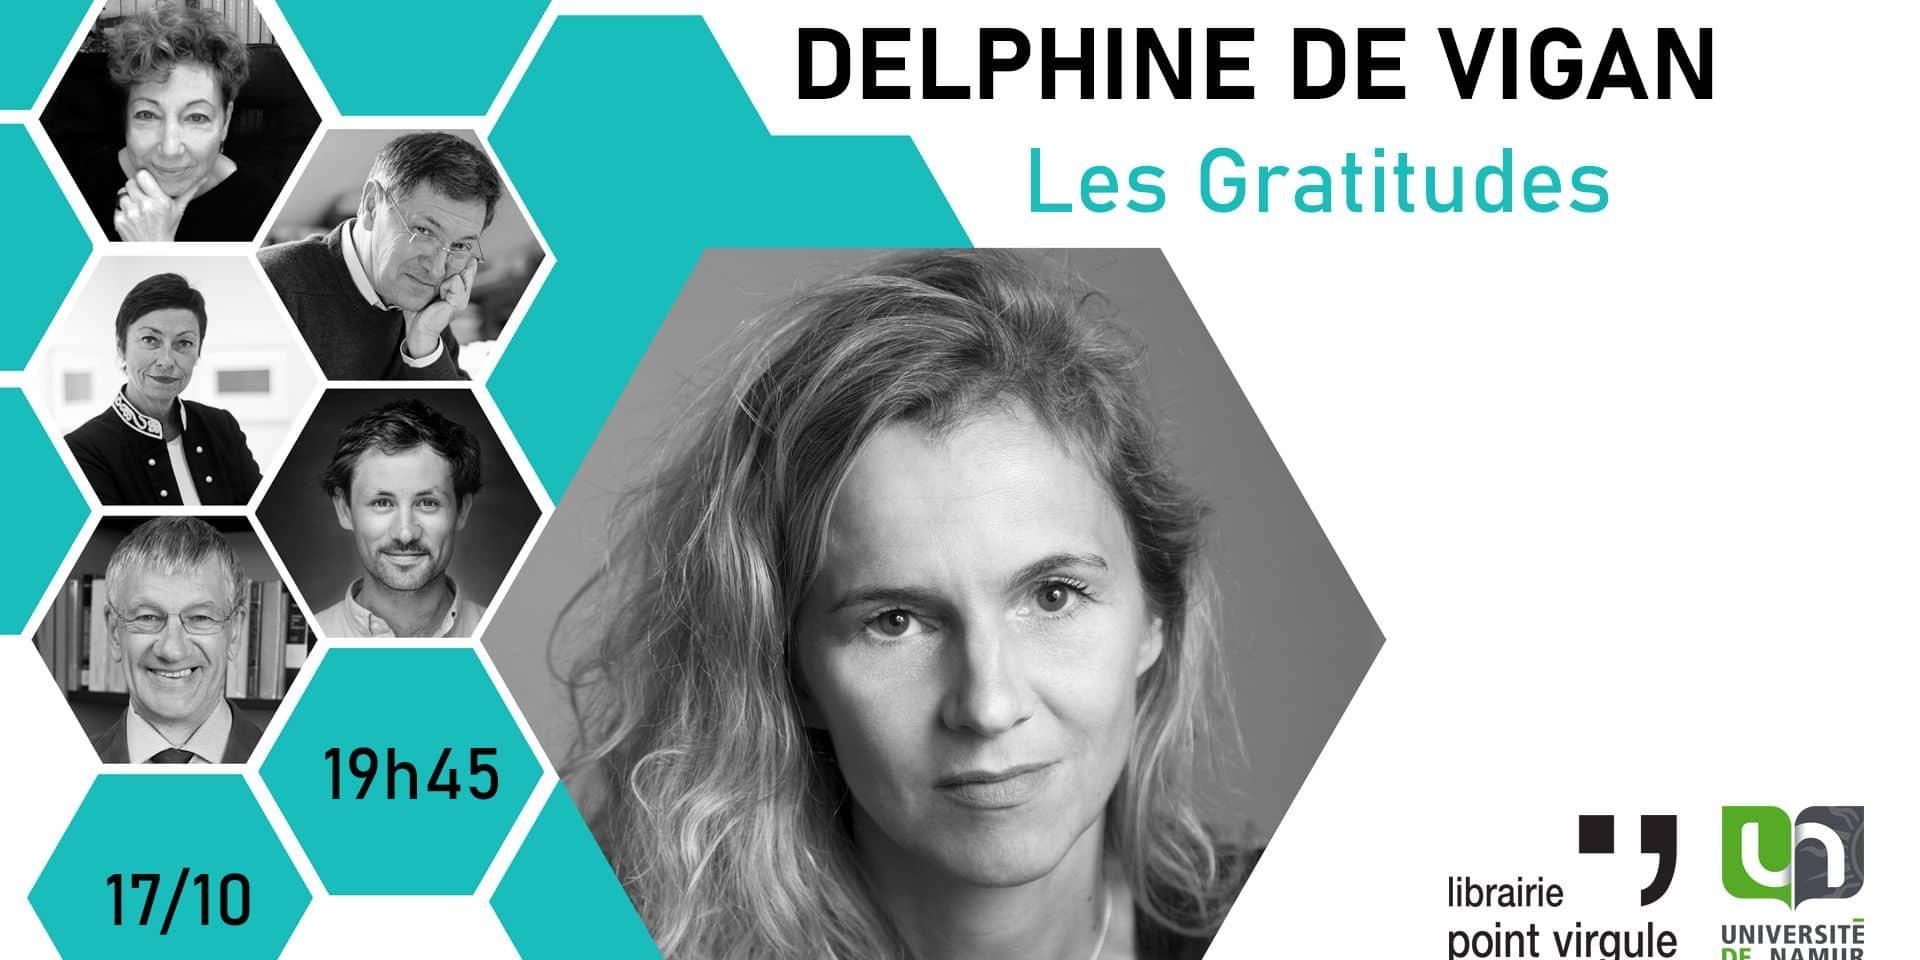 Remportez vos places pour la conférence de Delphine de Vigan